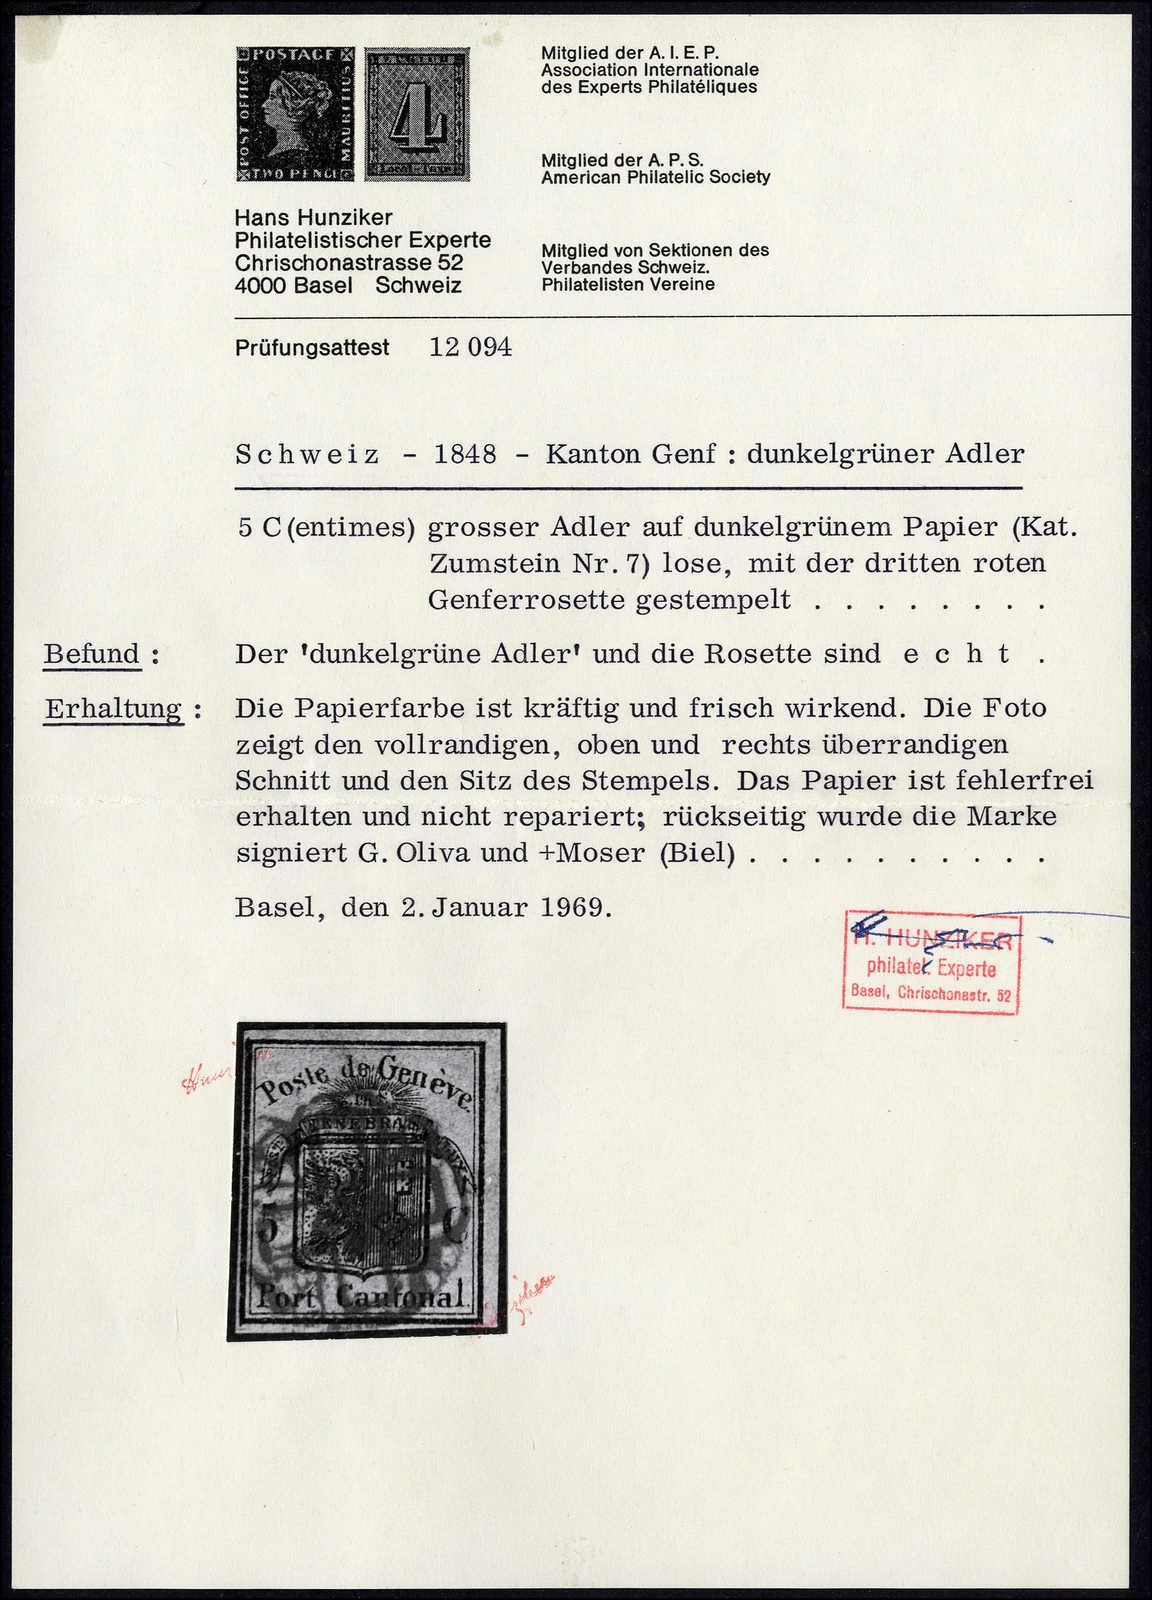 Lot 1012 - schweiz schweiz kantone genf -  Rolli Auctions Auction #68 Day 2